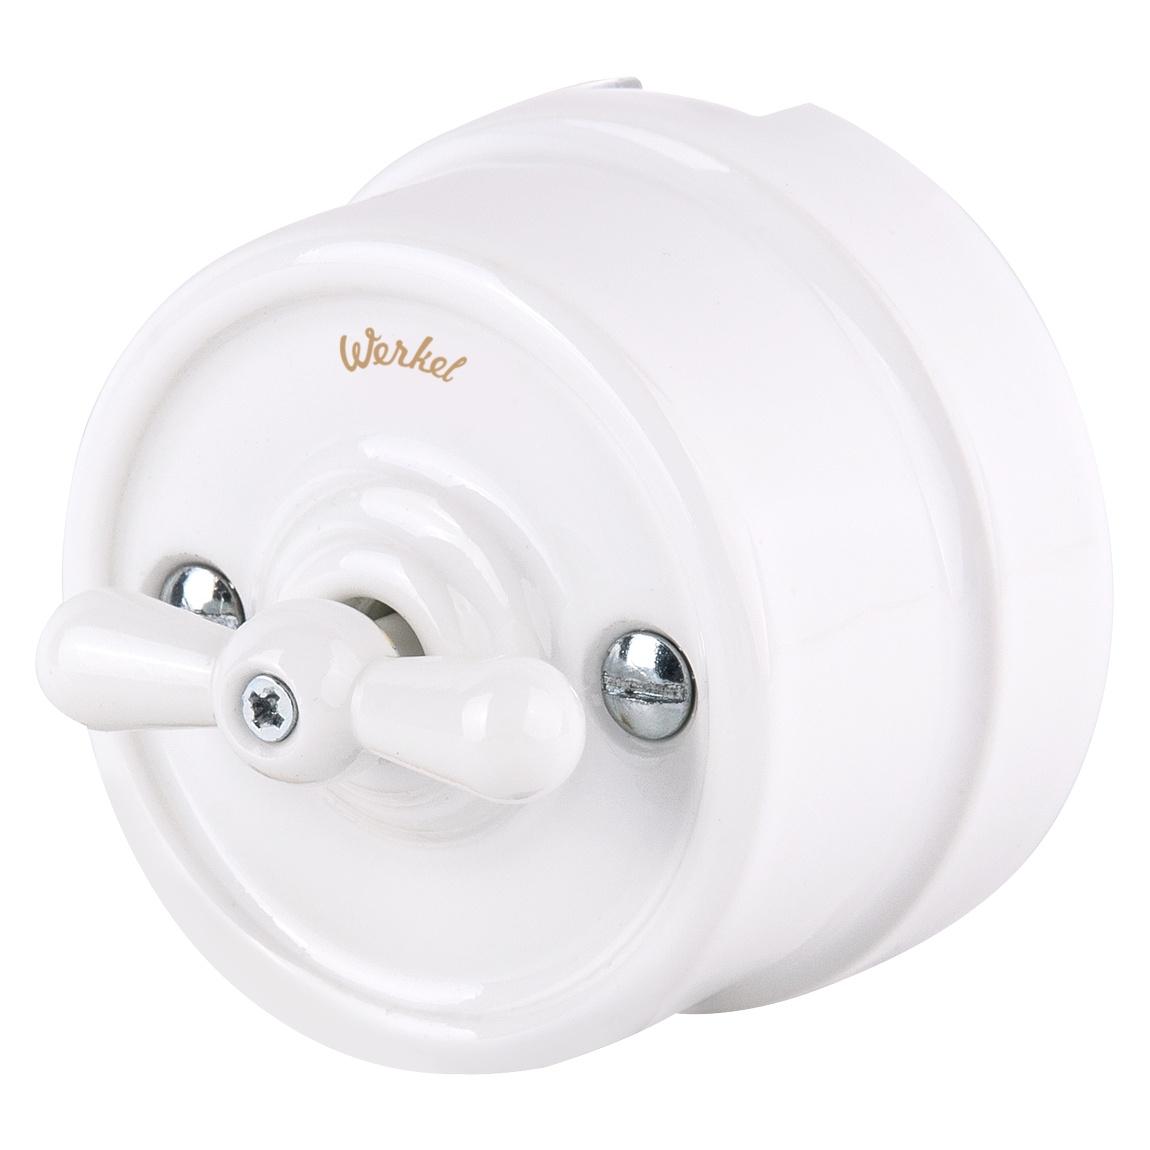 Выключатель Werkel одноклавишный (белый) Ретро WL18-01-03, белый ретро 2019 01 19t18 00